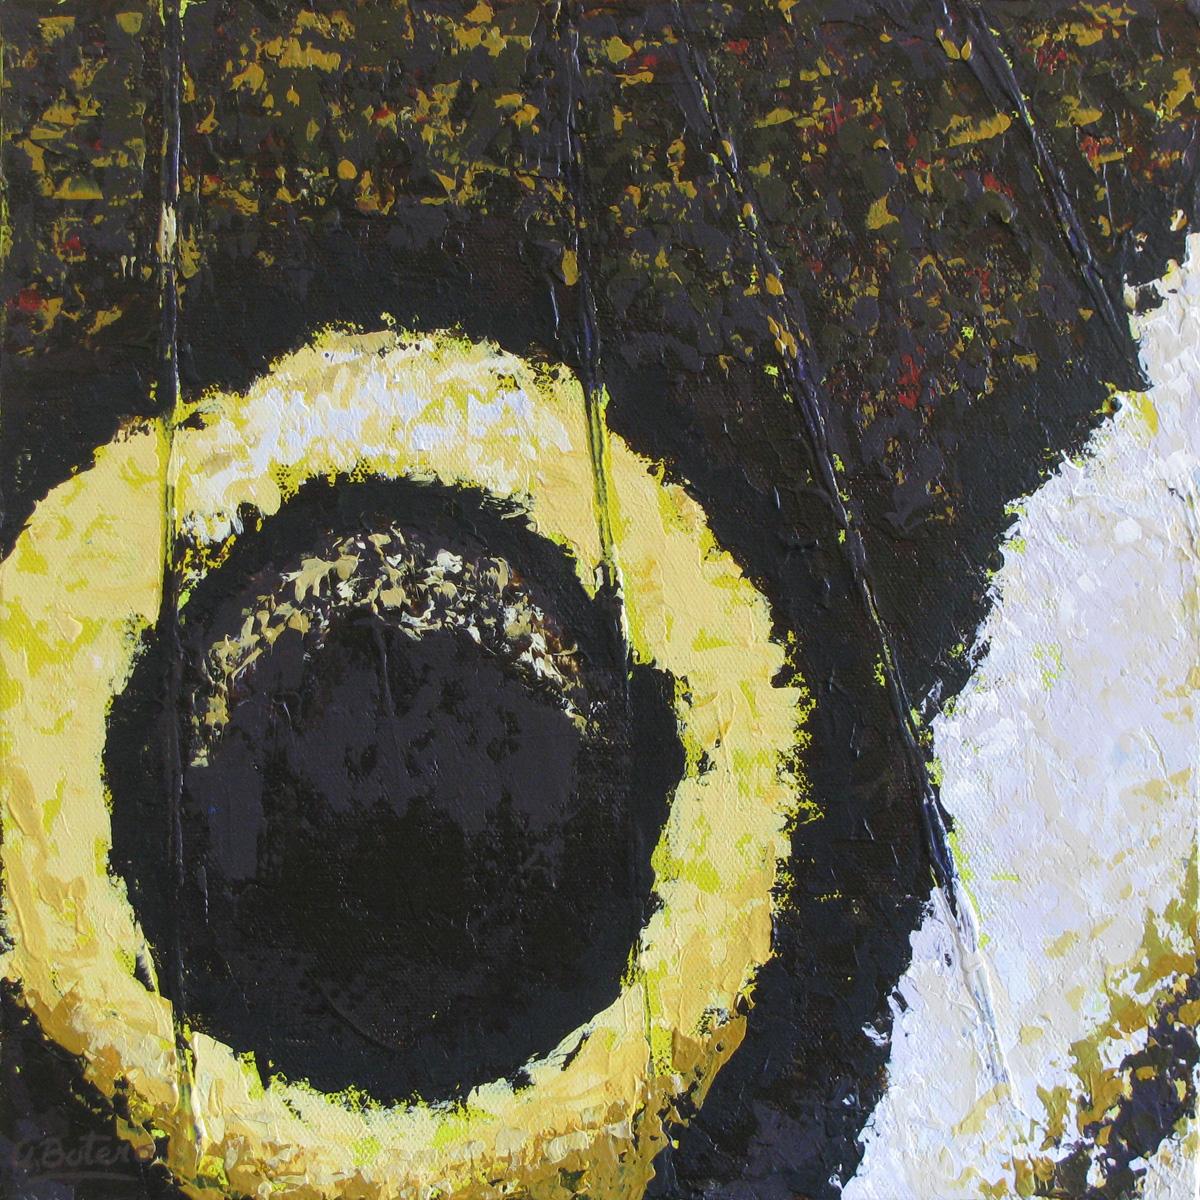 1163 Butterfly Prints #16.JPG